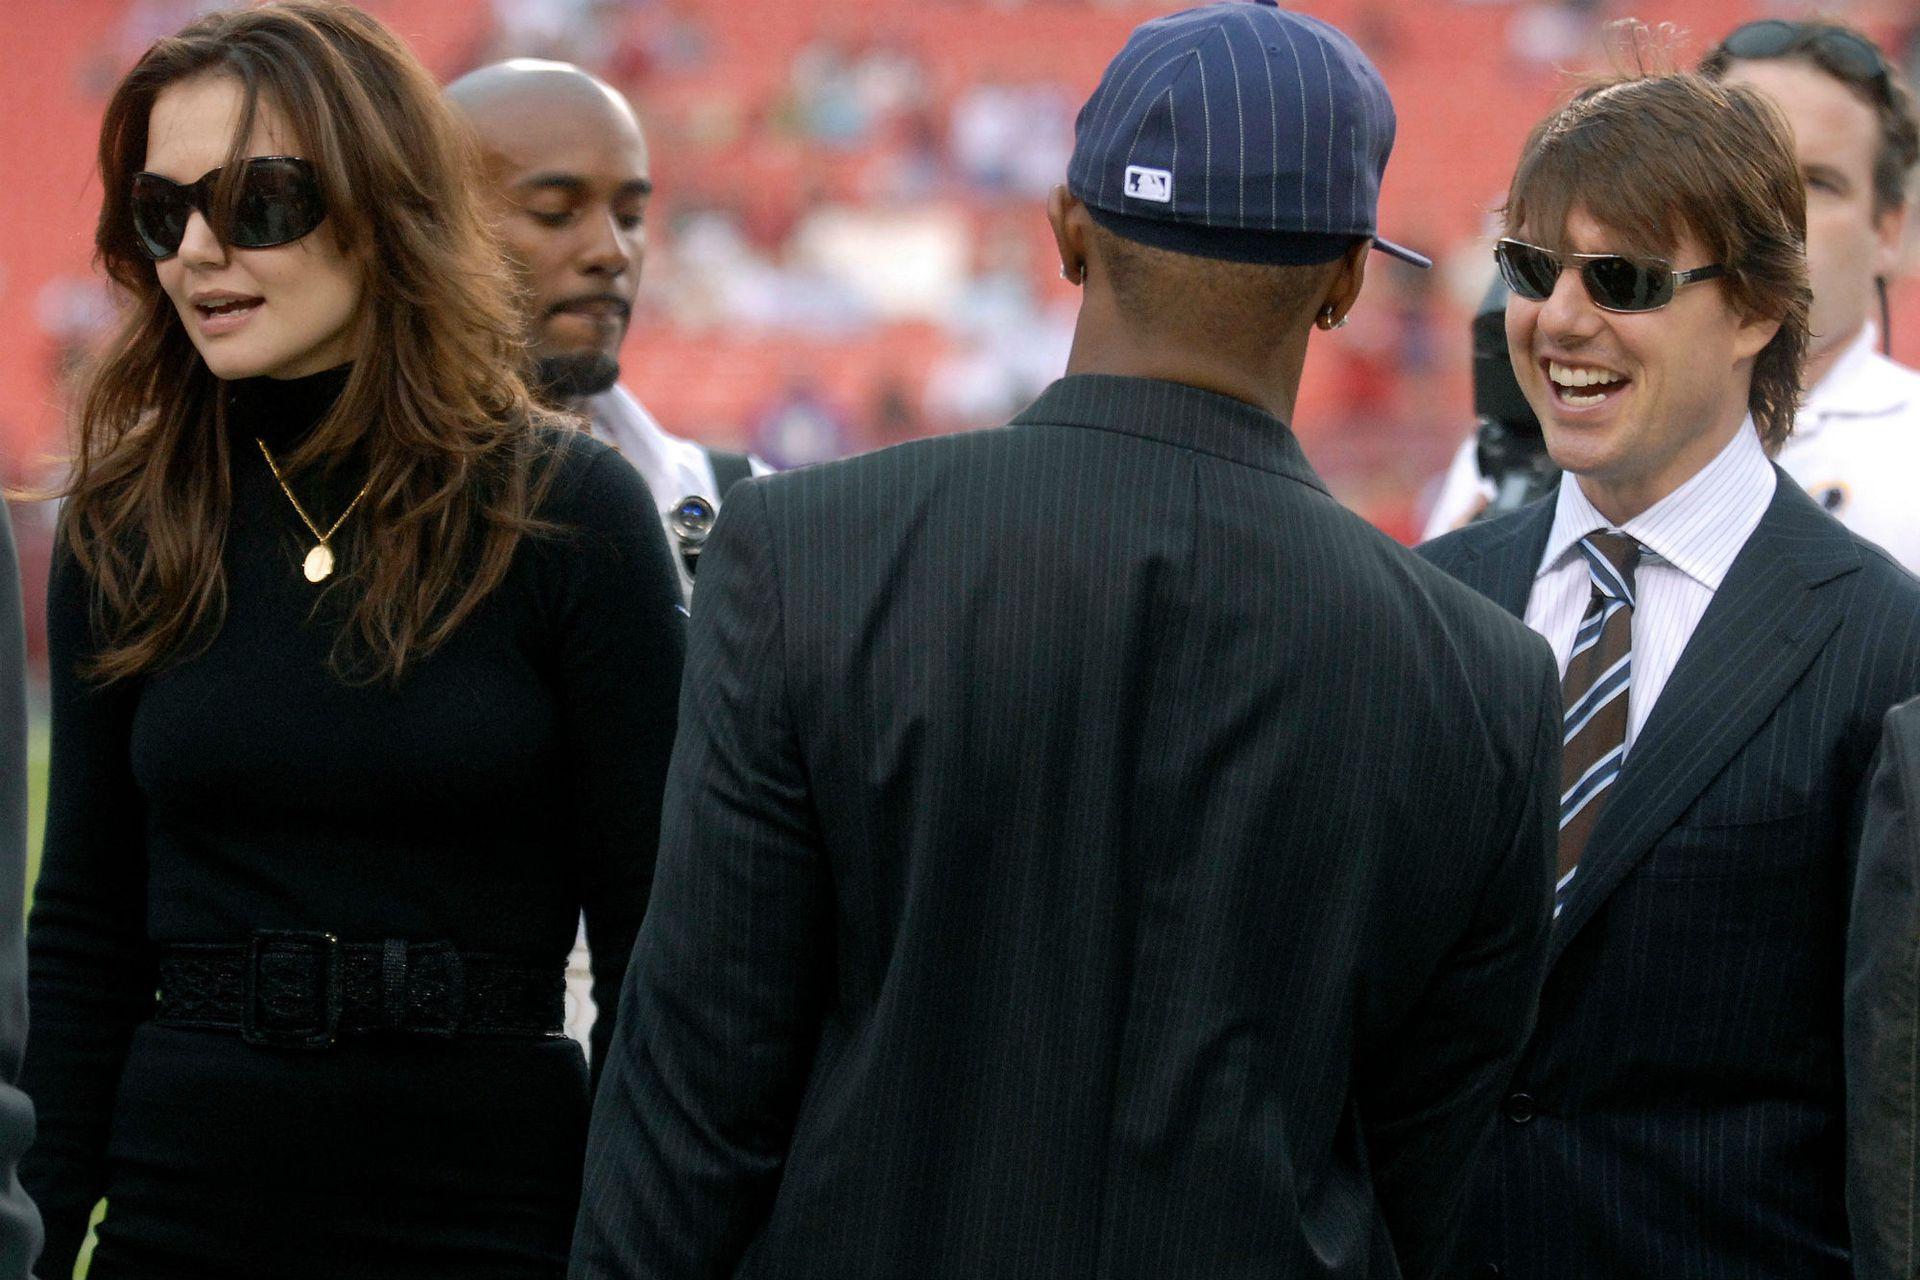 Katie en 2006, ya junto a Tom Cruise, compartiendo un evento deportivo con un amigo de la pareja: nada menos que Jamie Foxx